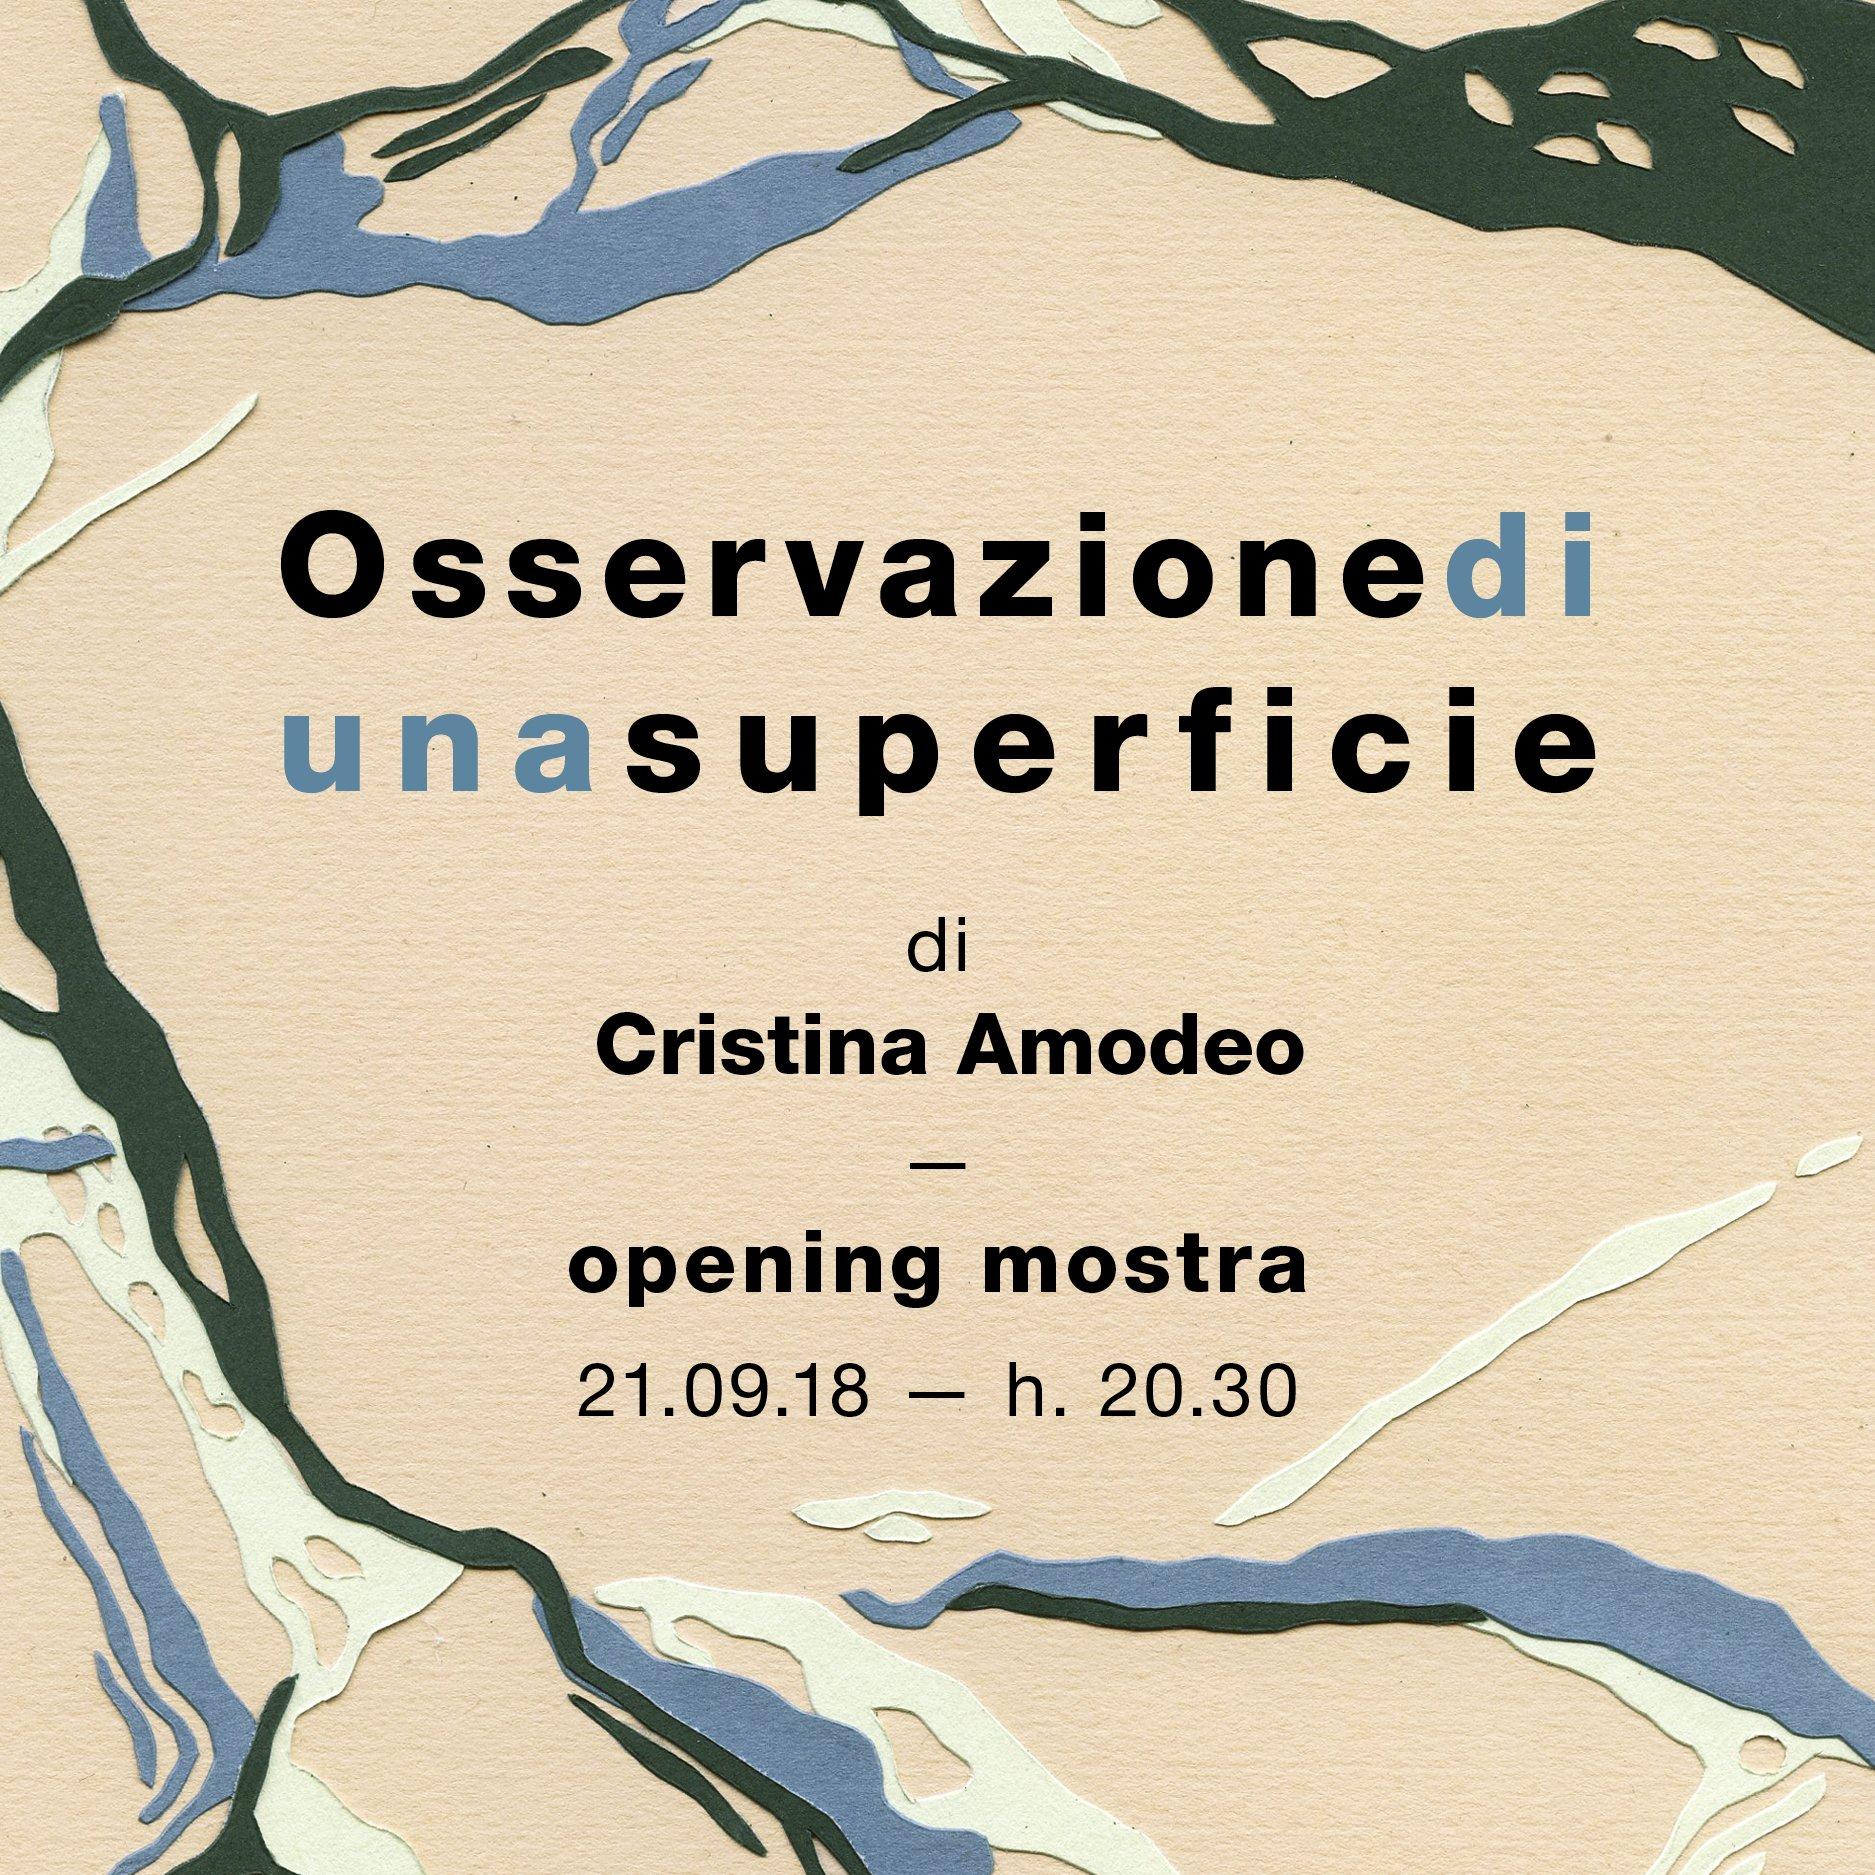 Osservazione di una superficie / Mostra di Cristina Amodeo